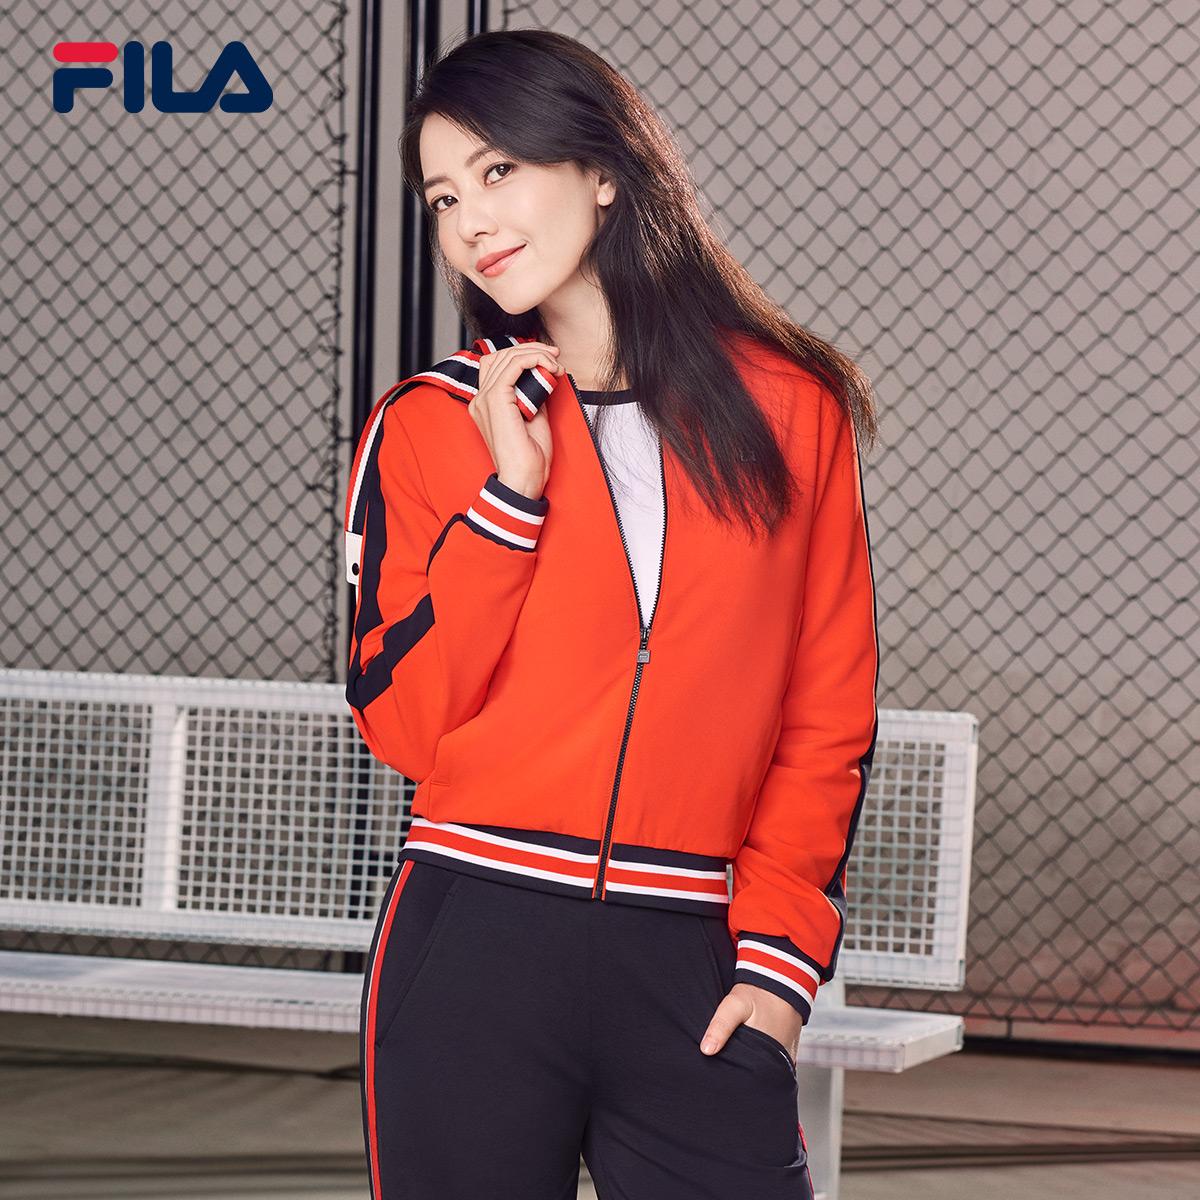 FILA斐乐高圆圆同款女外套2018年秋季新款棒球领梭织运动休闲外套